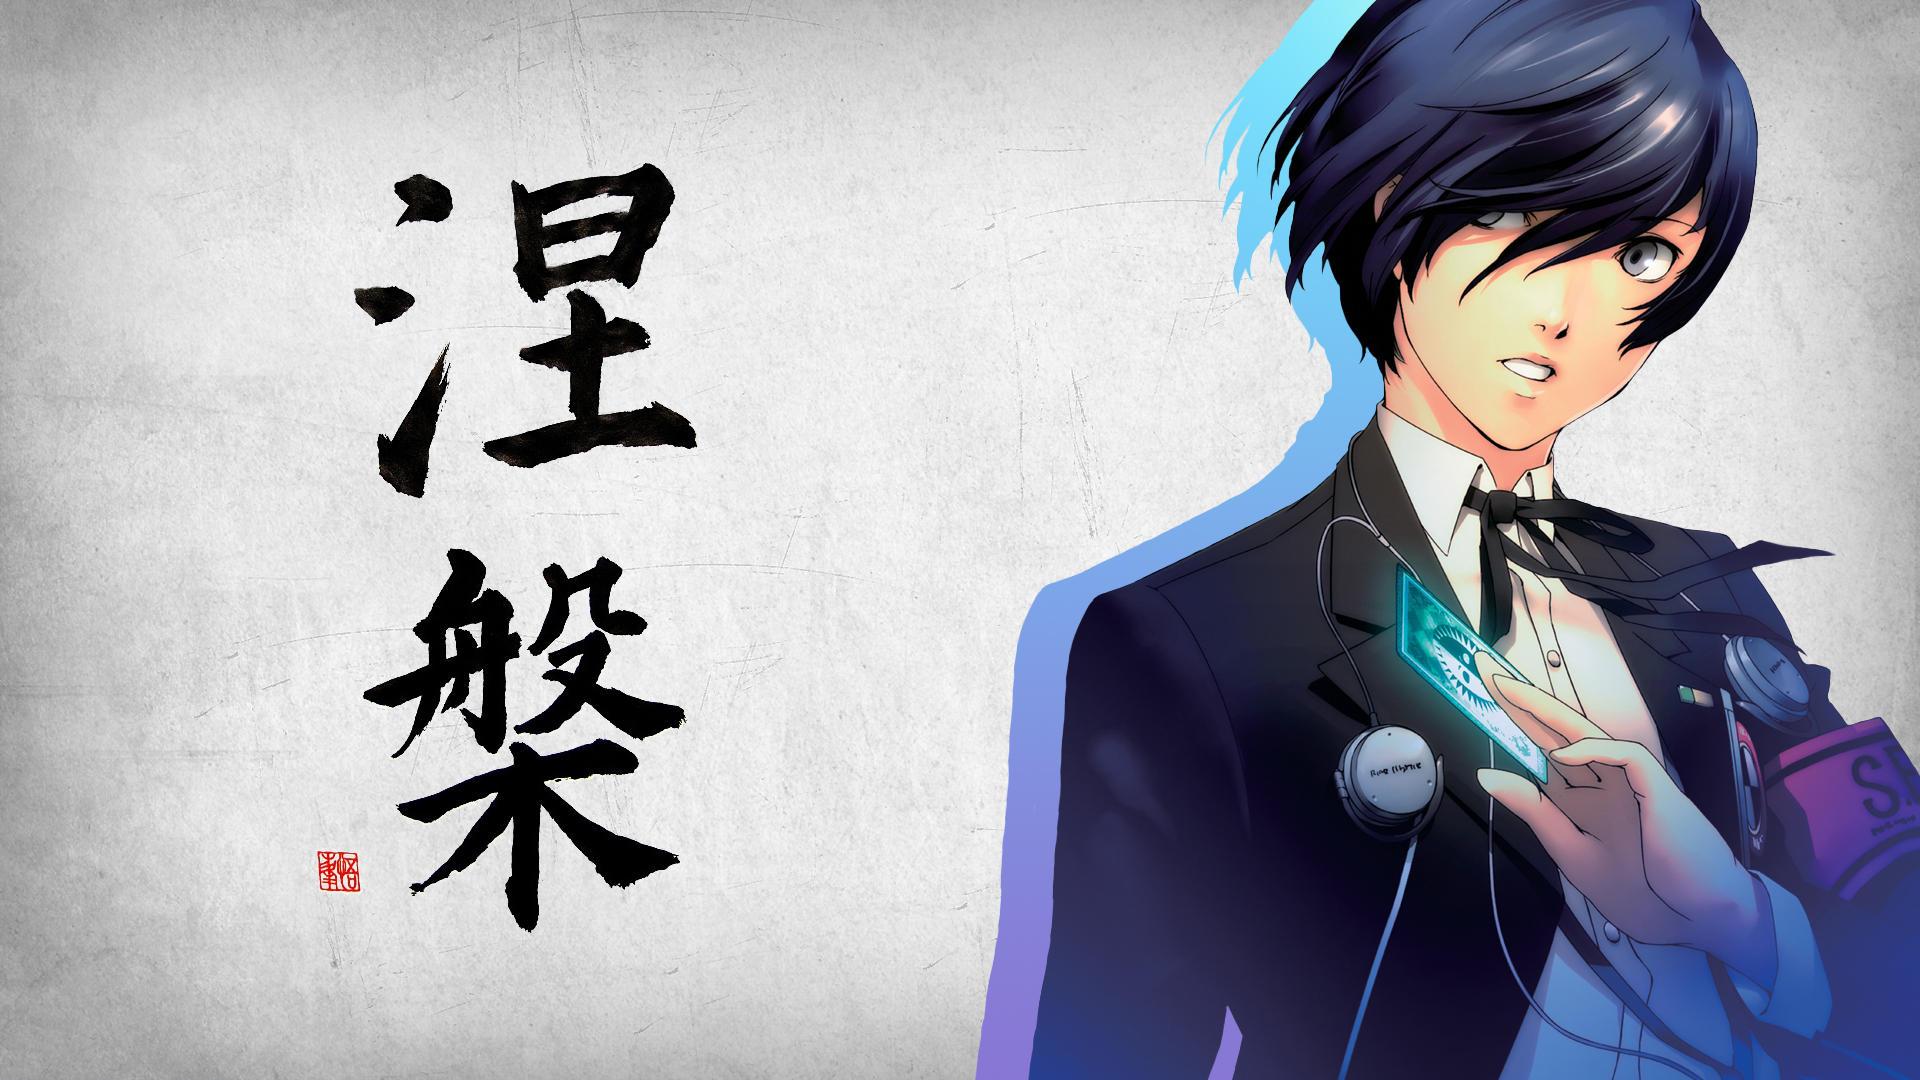 Persona 3 Wallpaper 4k: Wallpaper By Iria2k On DeviantArt